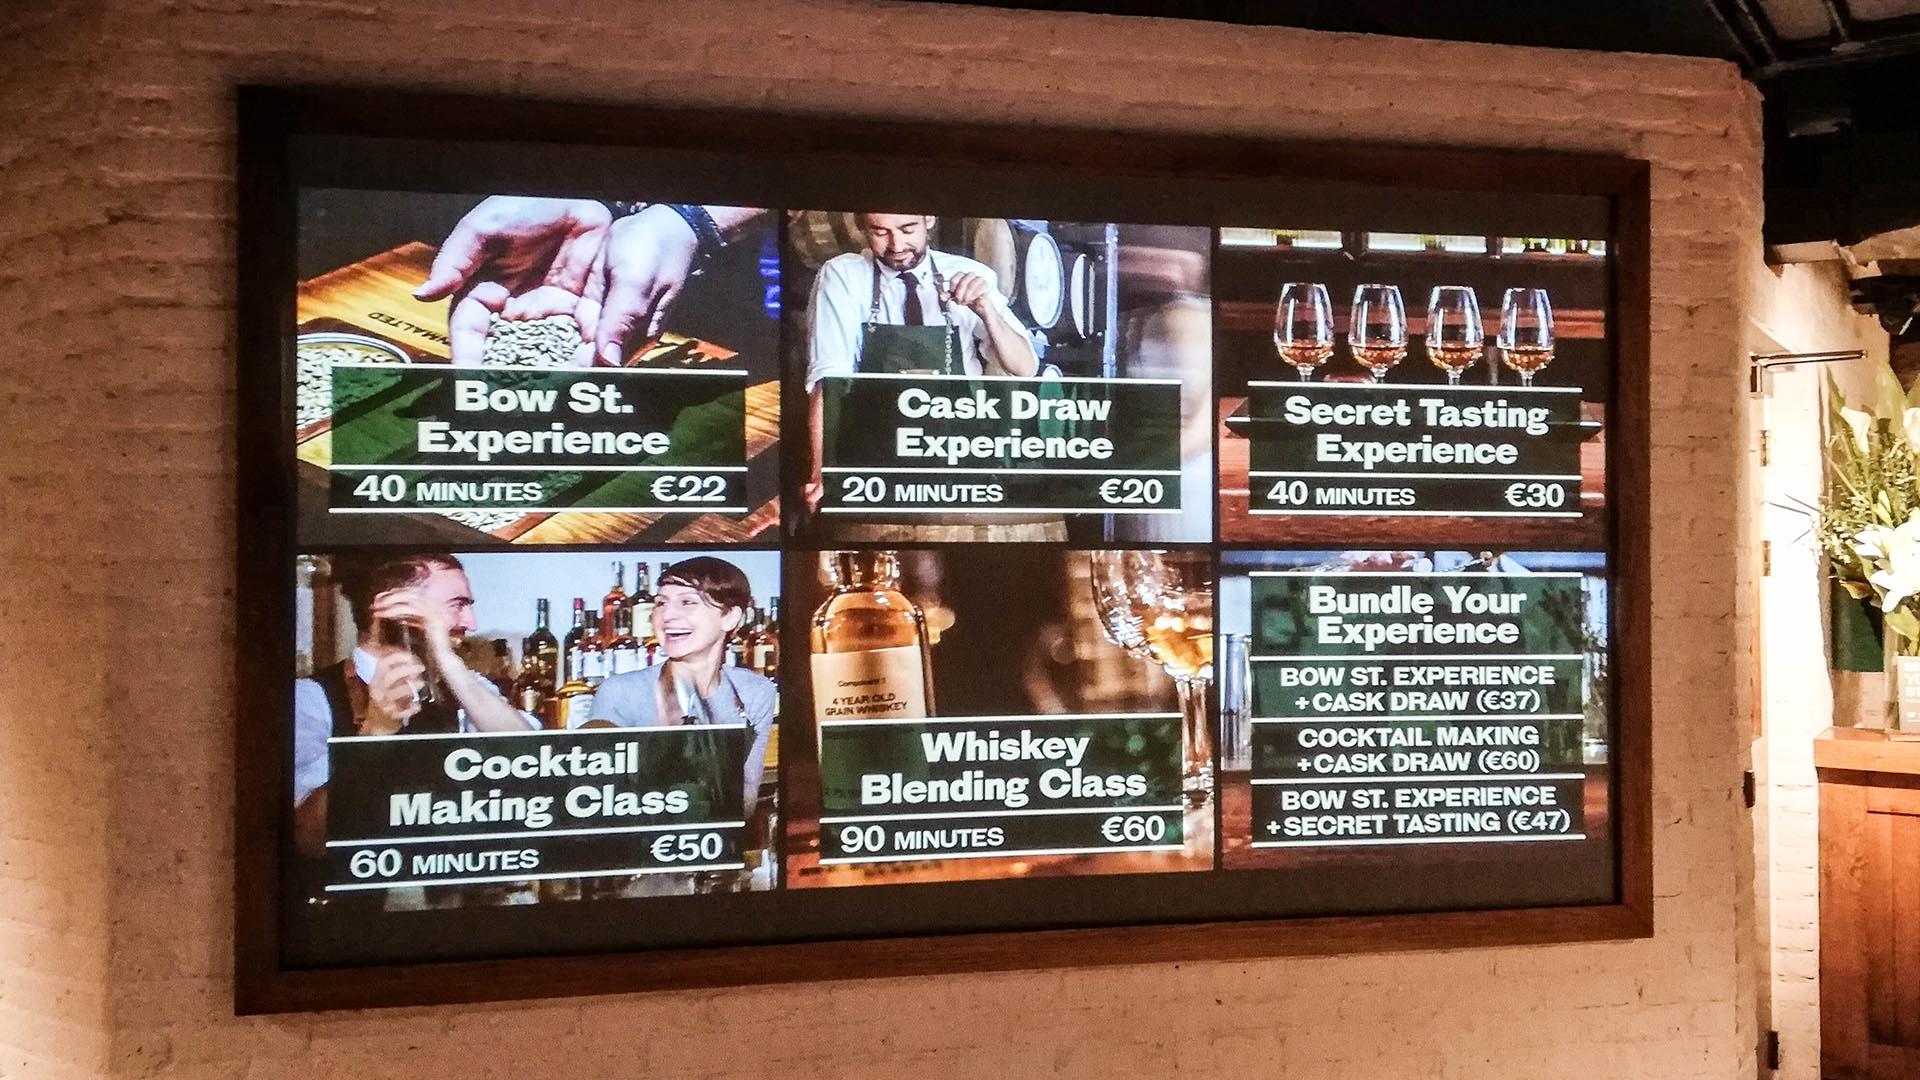 Precios de Experiencias en la Jameson Distillery, Dublín, Irlanda